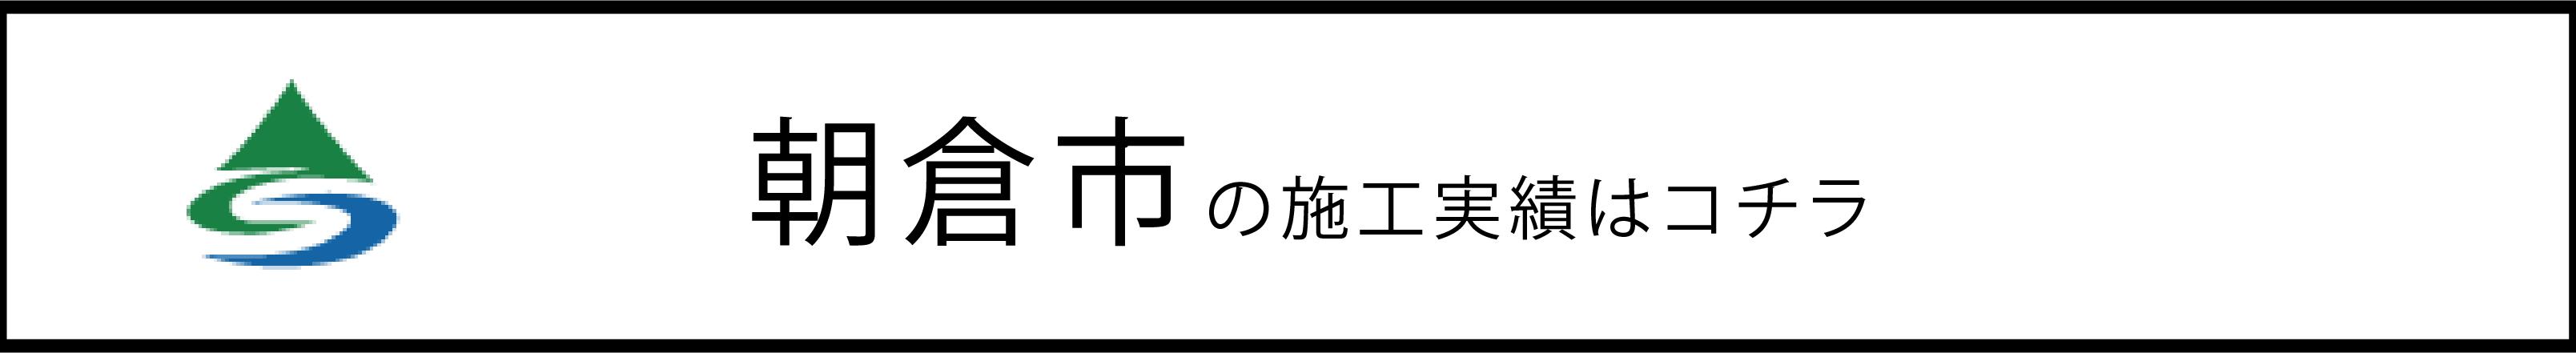 朝倉市の施工実績はこちら